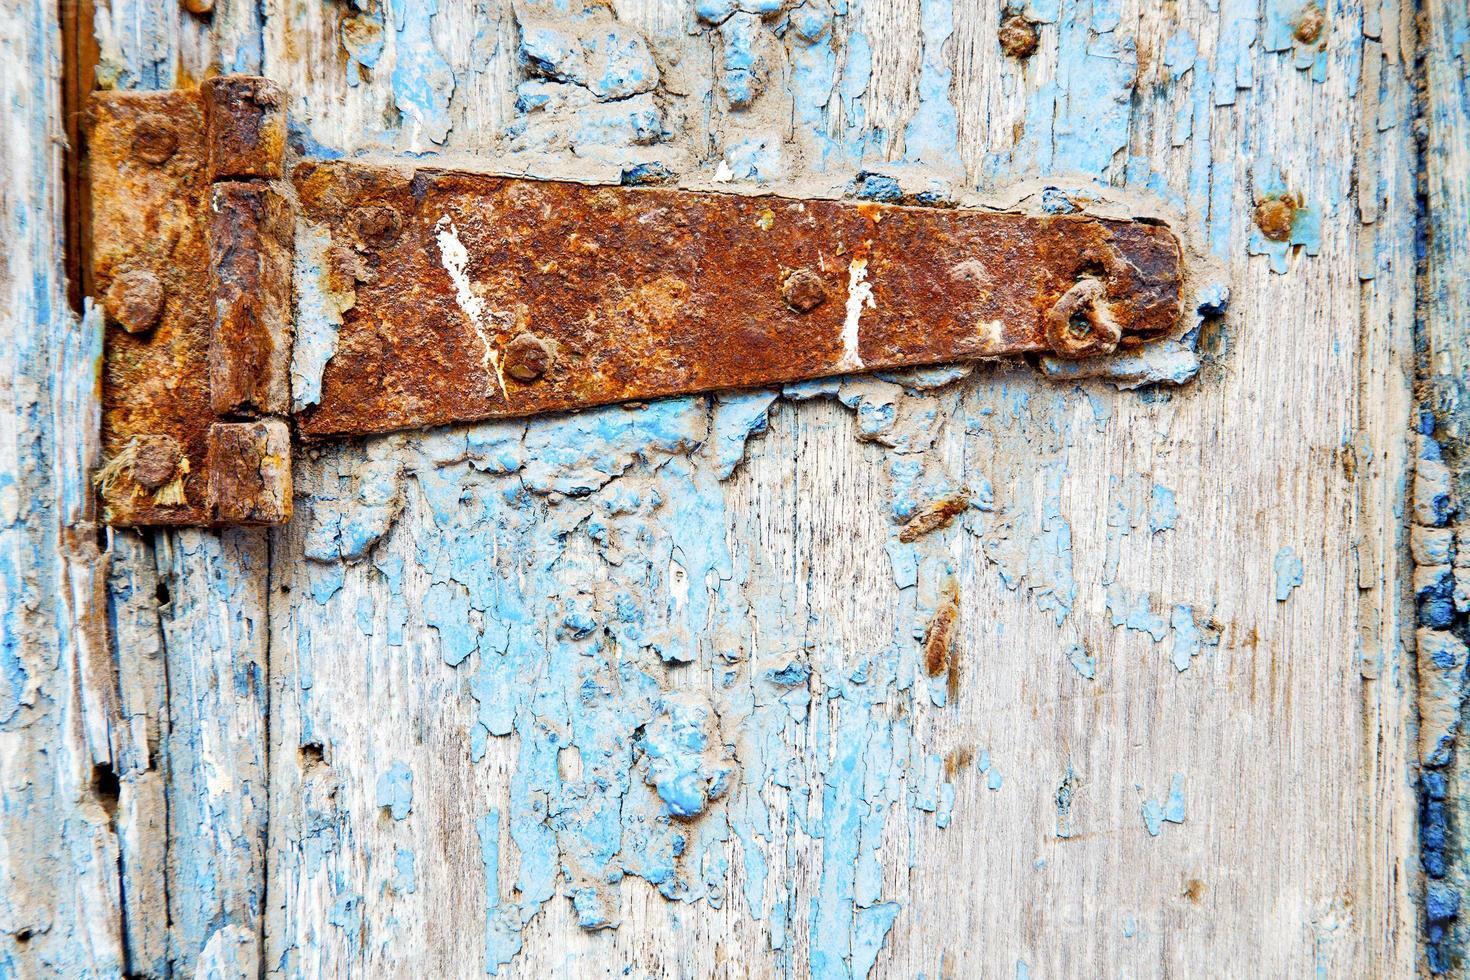 Marocco nella vecchia facciata in legno casa e lucchetto sicuro arrugginito foto